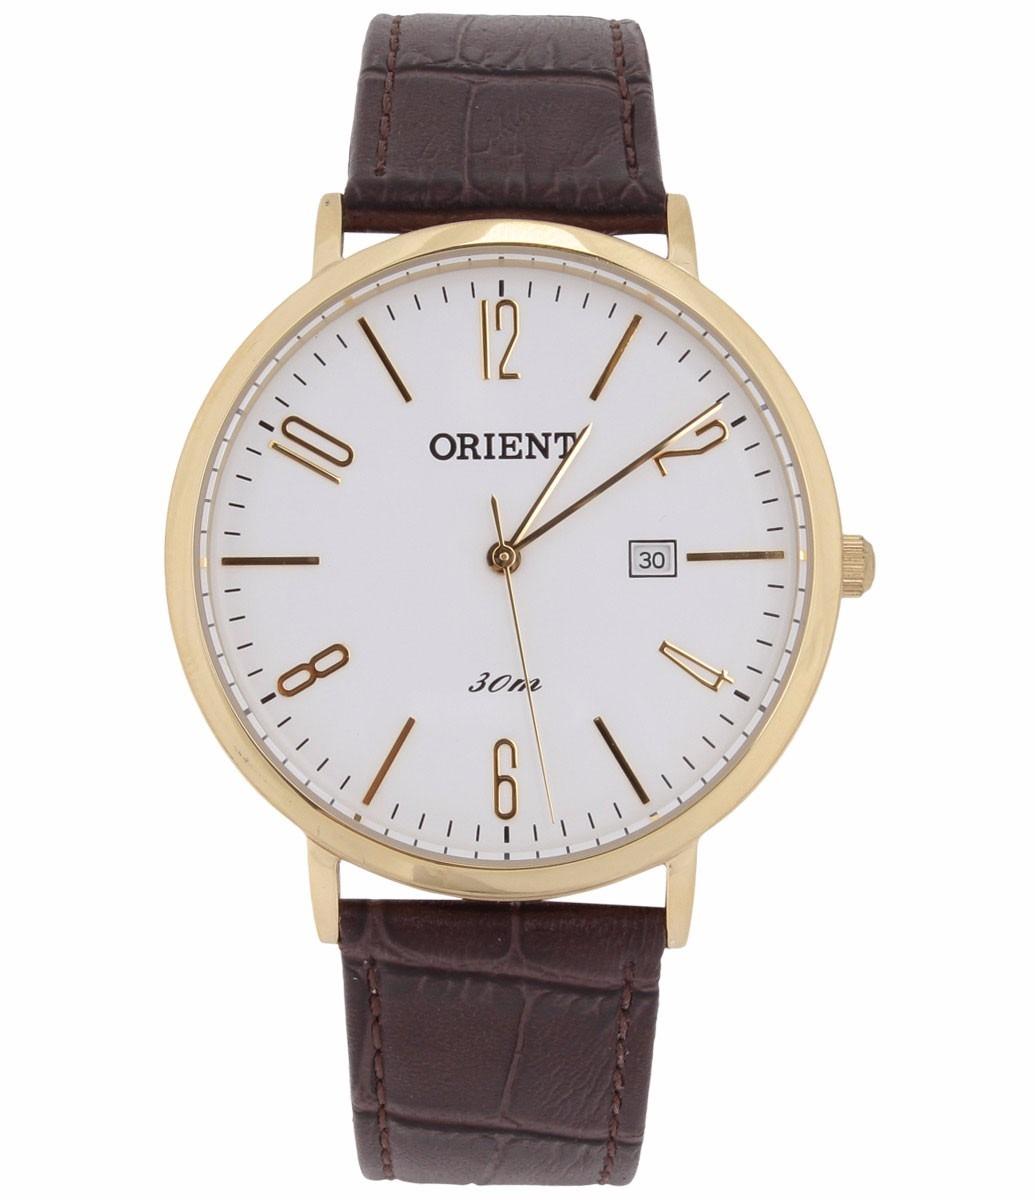 91ffa841316 relógio masculino orient couro marrom fundo branco analógico. Carregando  zoom.